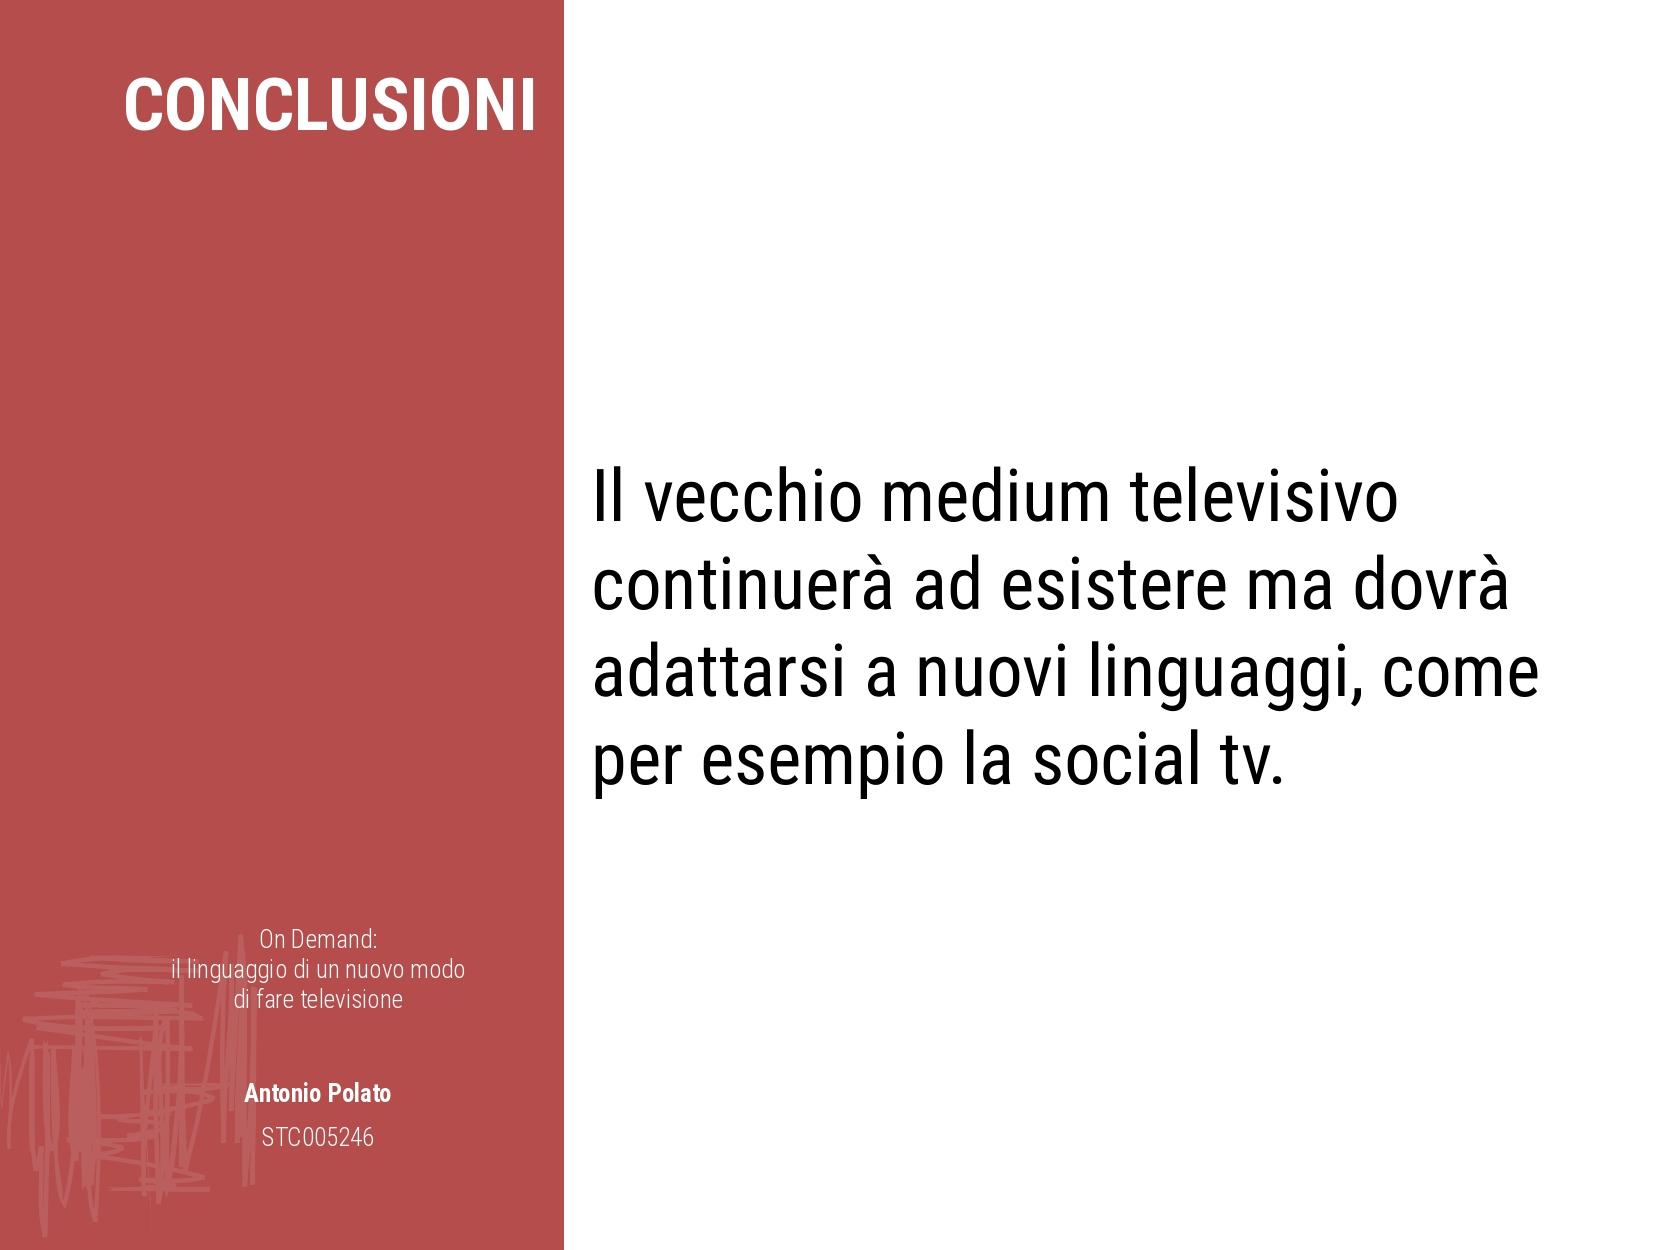 On demand il linguaggio di un nuovo modo di fare la televisione Antonio Polato vecchio medium televisivo